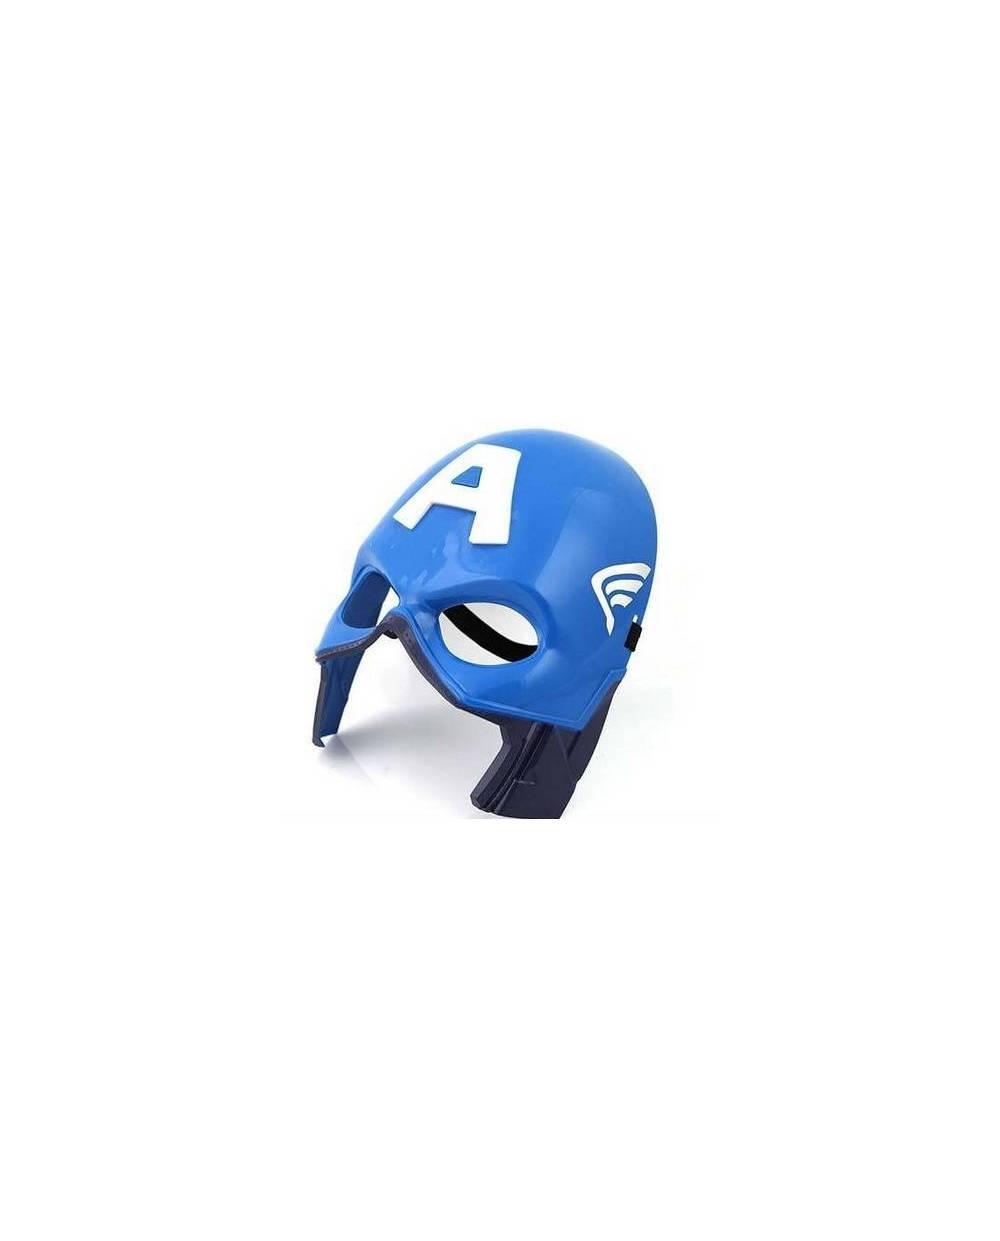 masque captain america lumineux masque led captain america lumineux - Masque Captain America